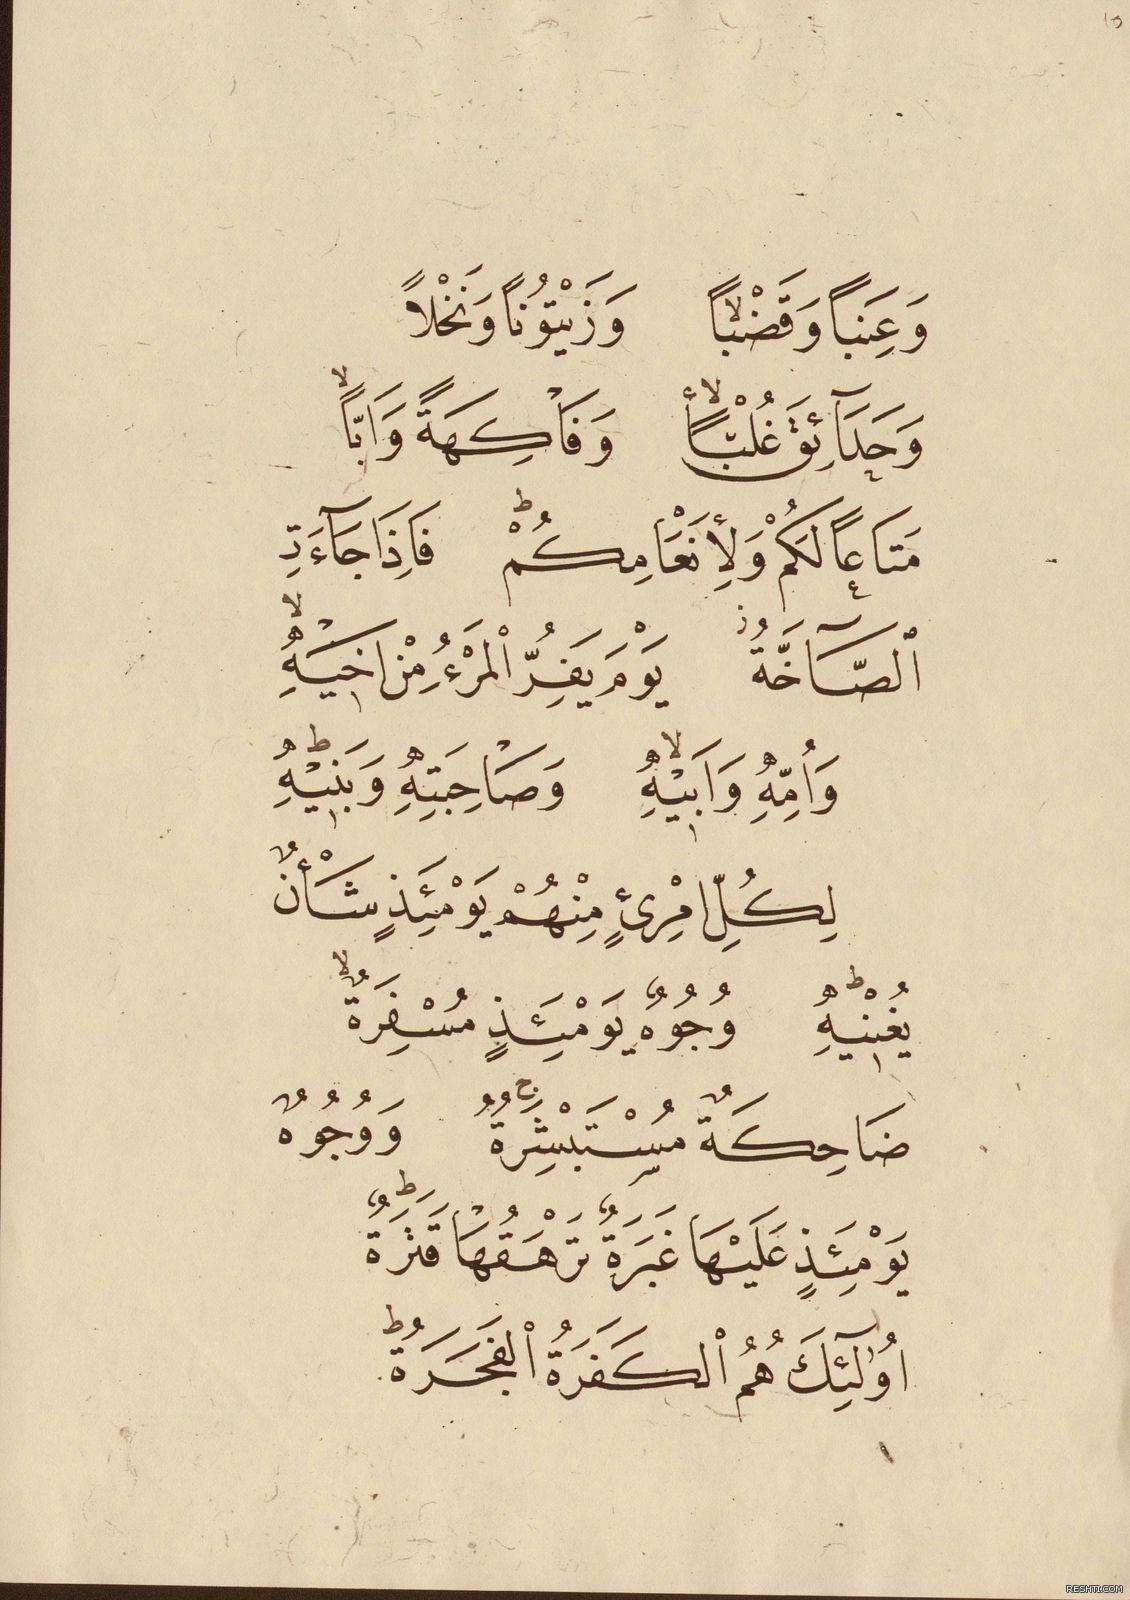 جزء عم بخط محمد شوقي 2